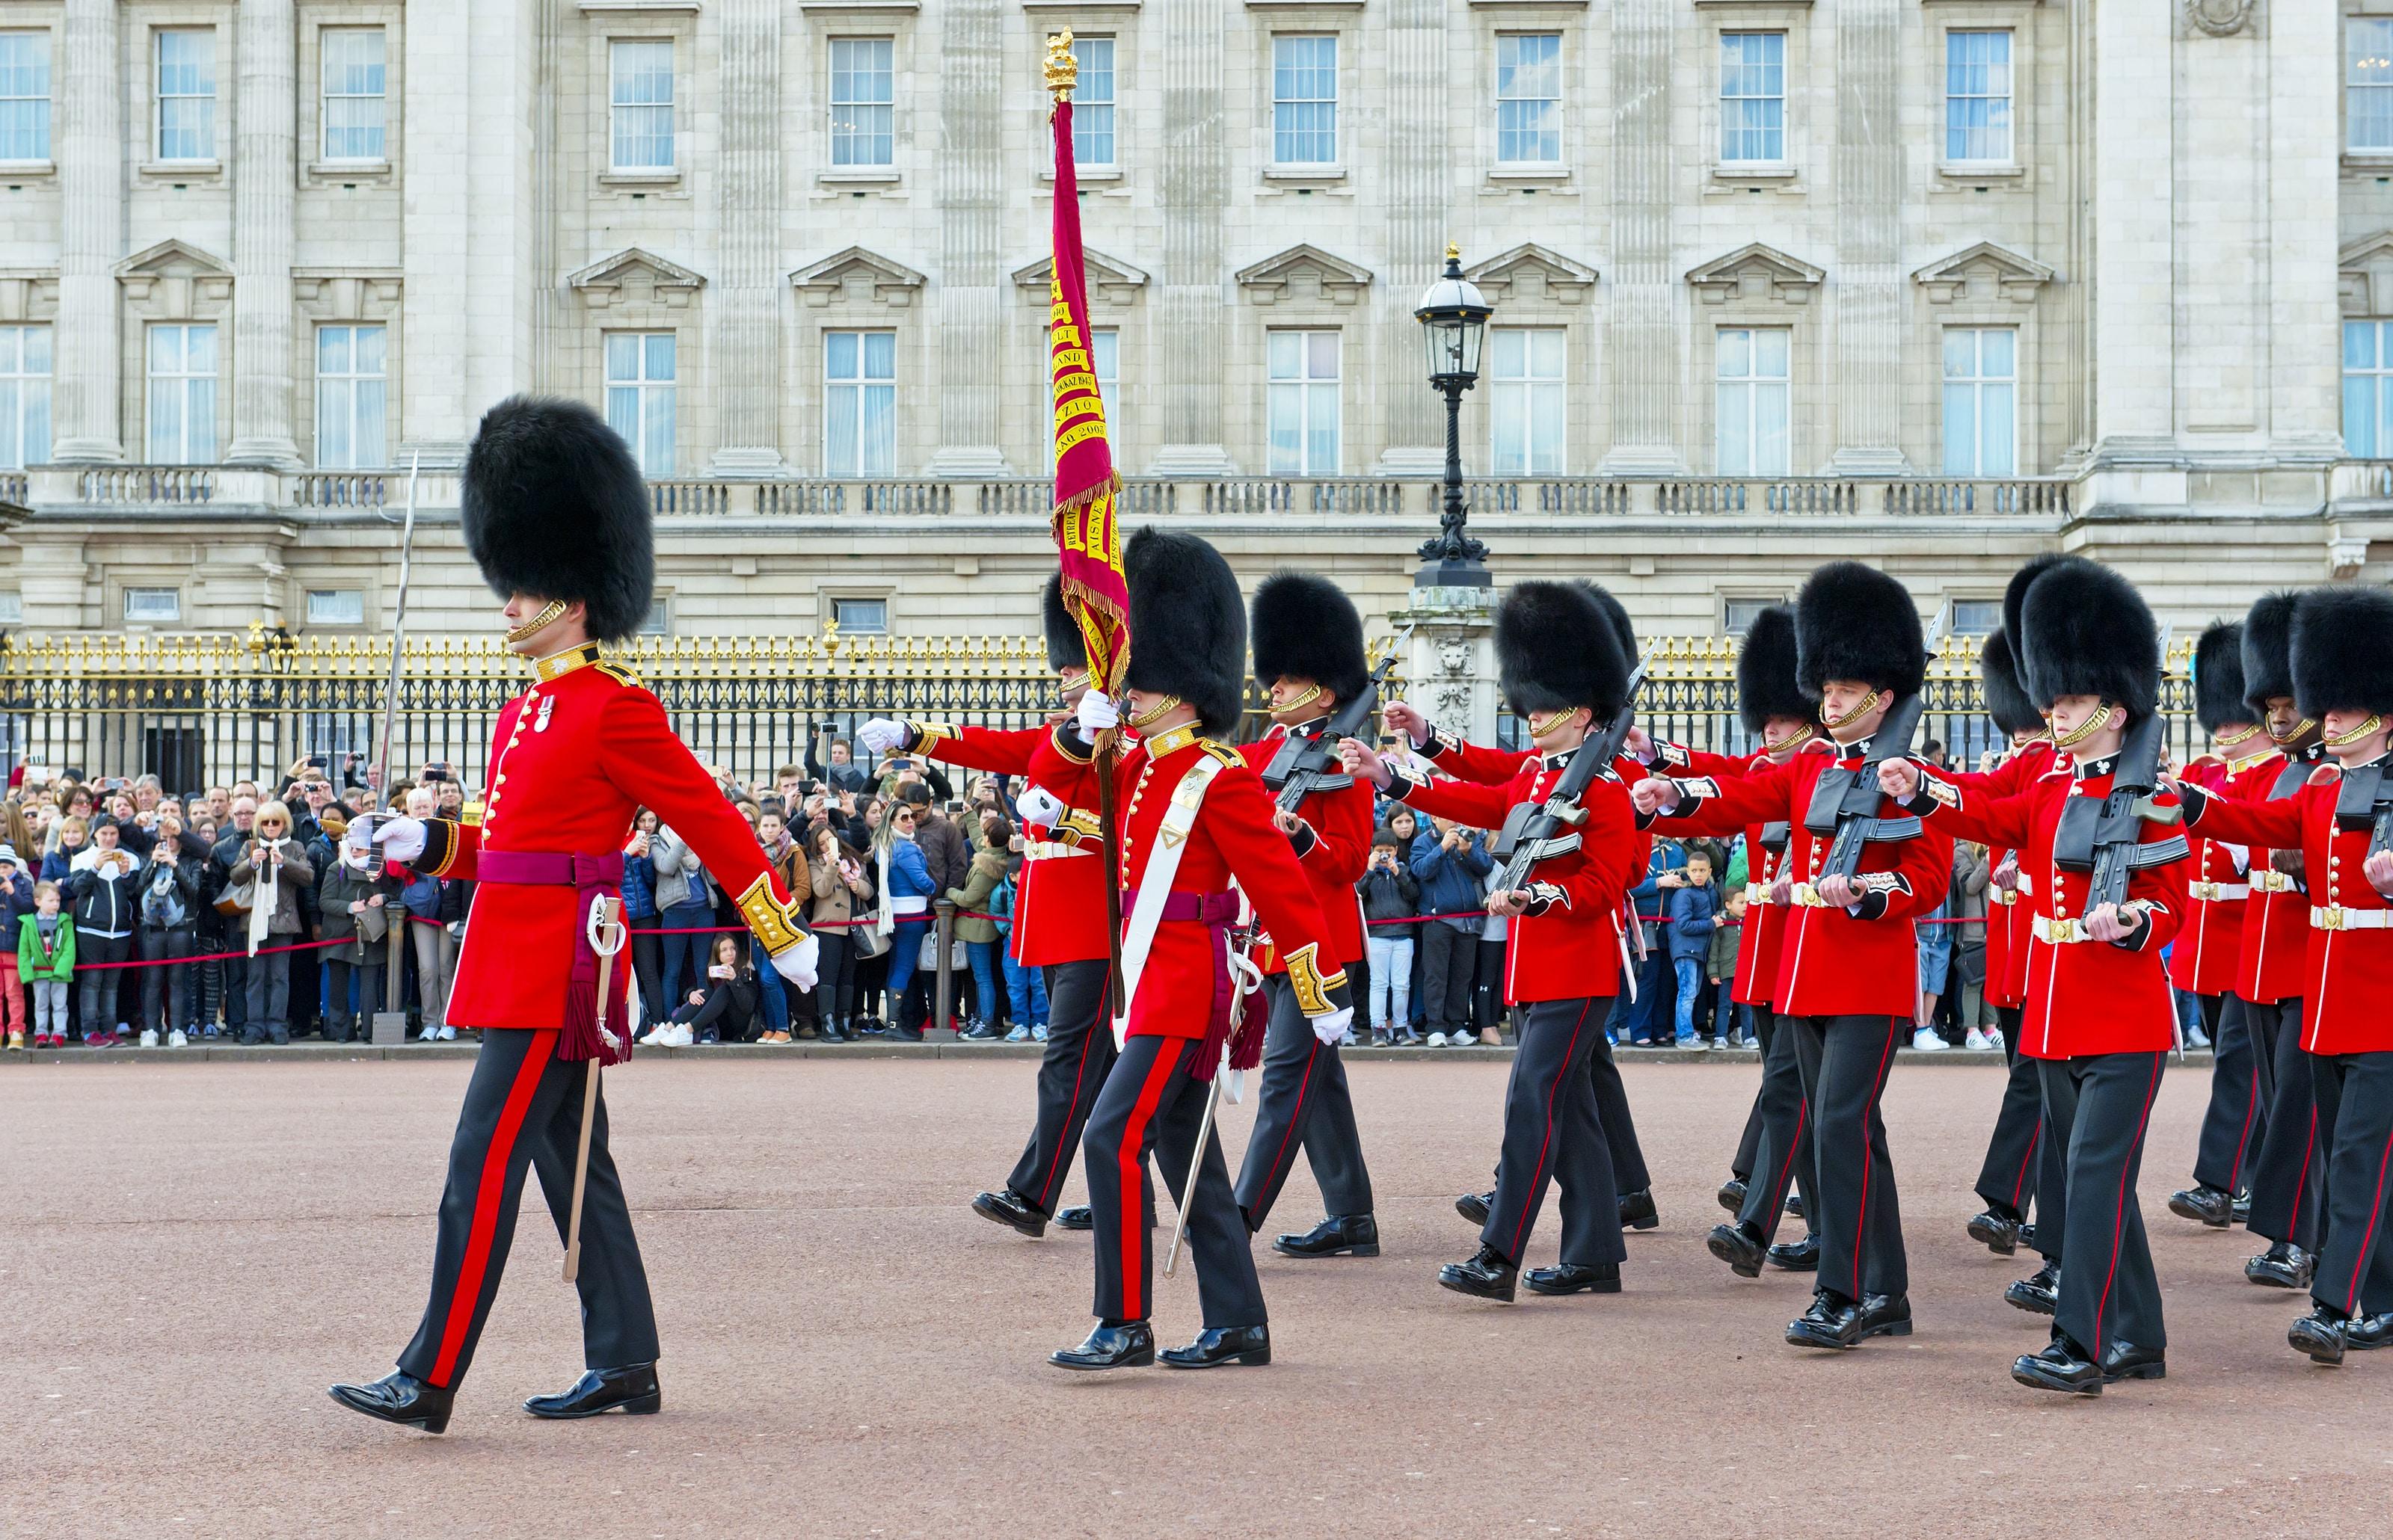 Wisseling van de wacht bij Buckingham Palace in Londen, Verenigd Koninkrijk